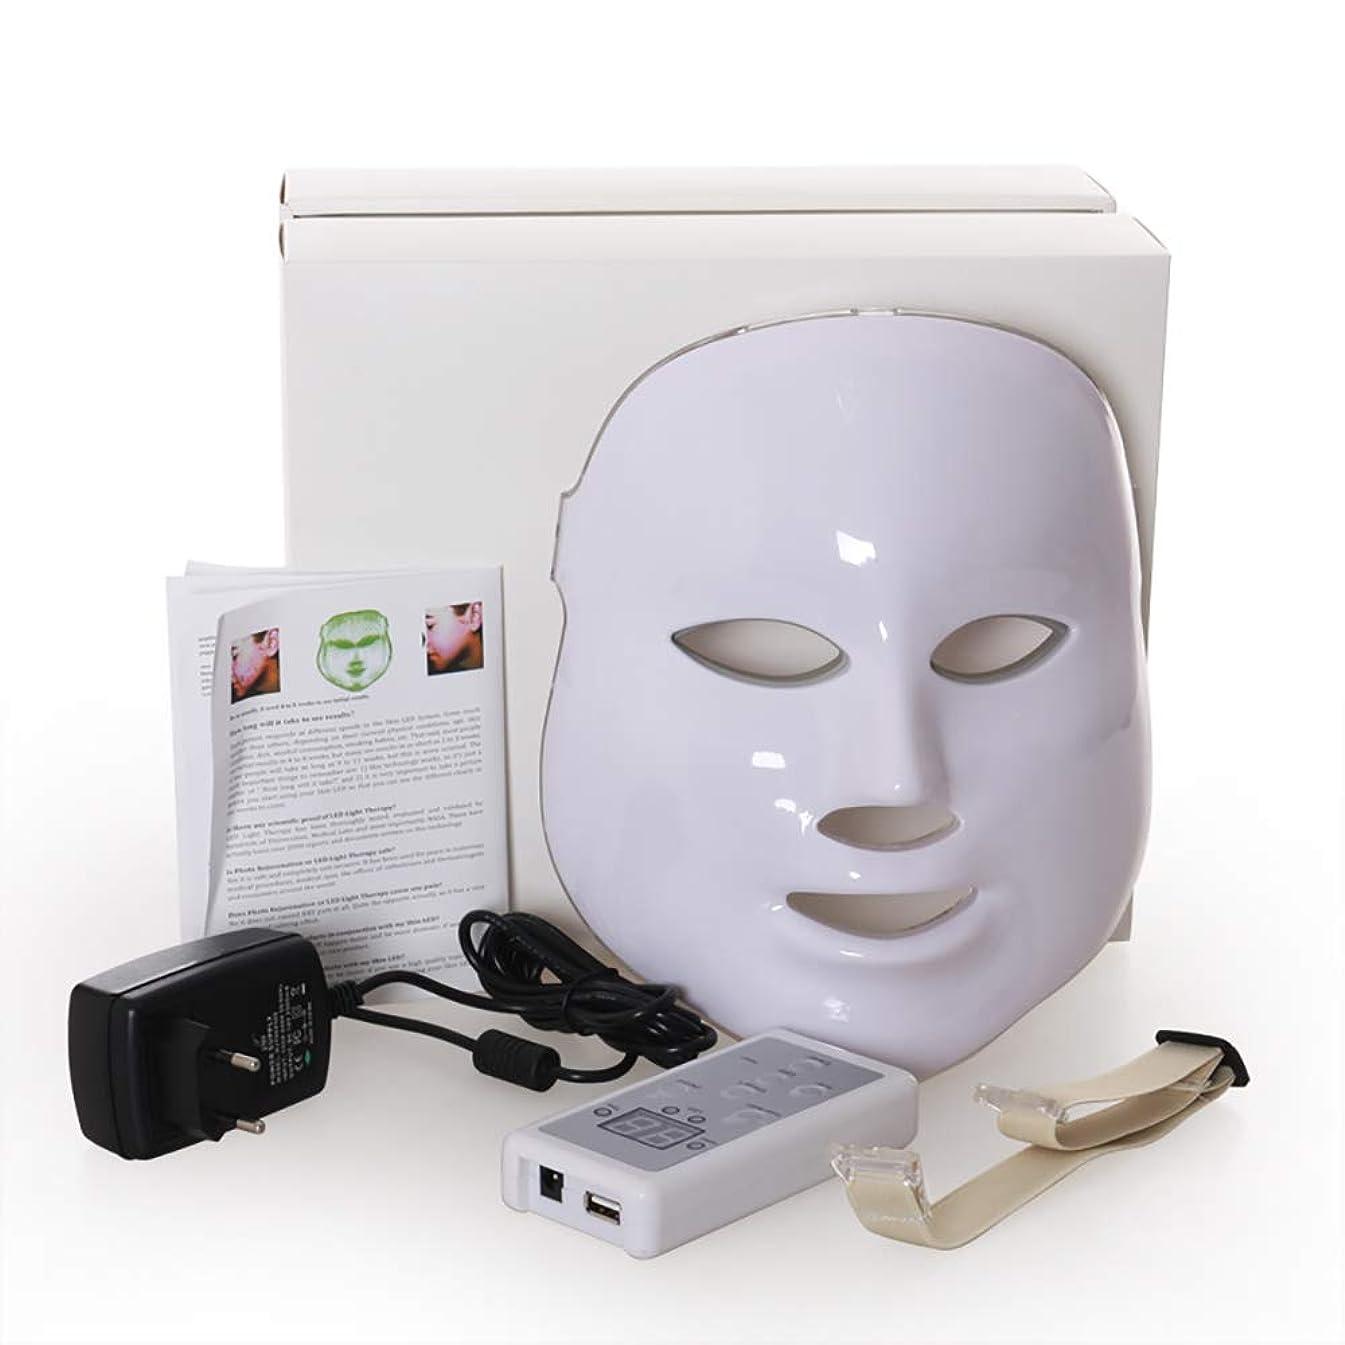 危険な入場料聴衆Led のマスク、7色はしわ、にきび及び健康な皮の若返りのコラーゲン、反老化の美のマスクのための軽い療法の顔のスキンケアのマスクを導きました